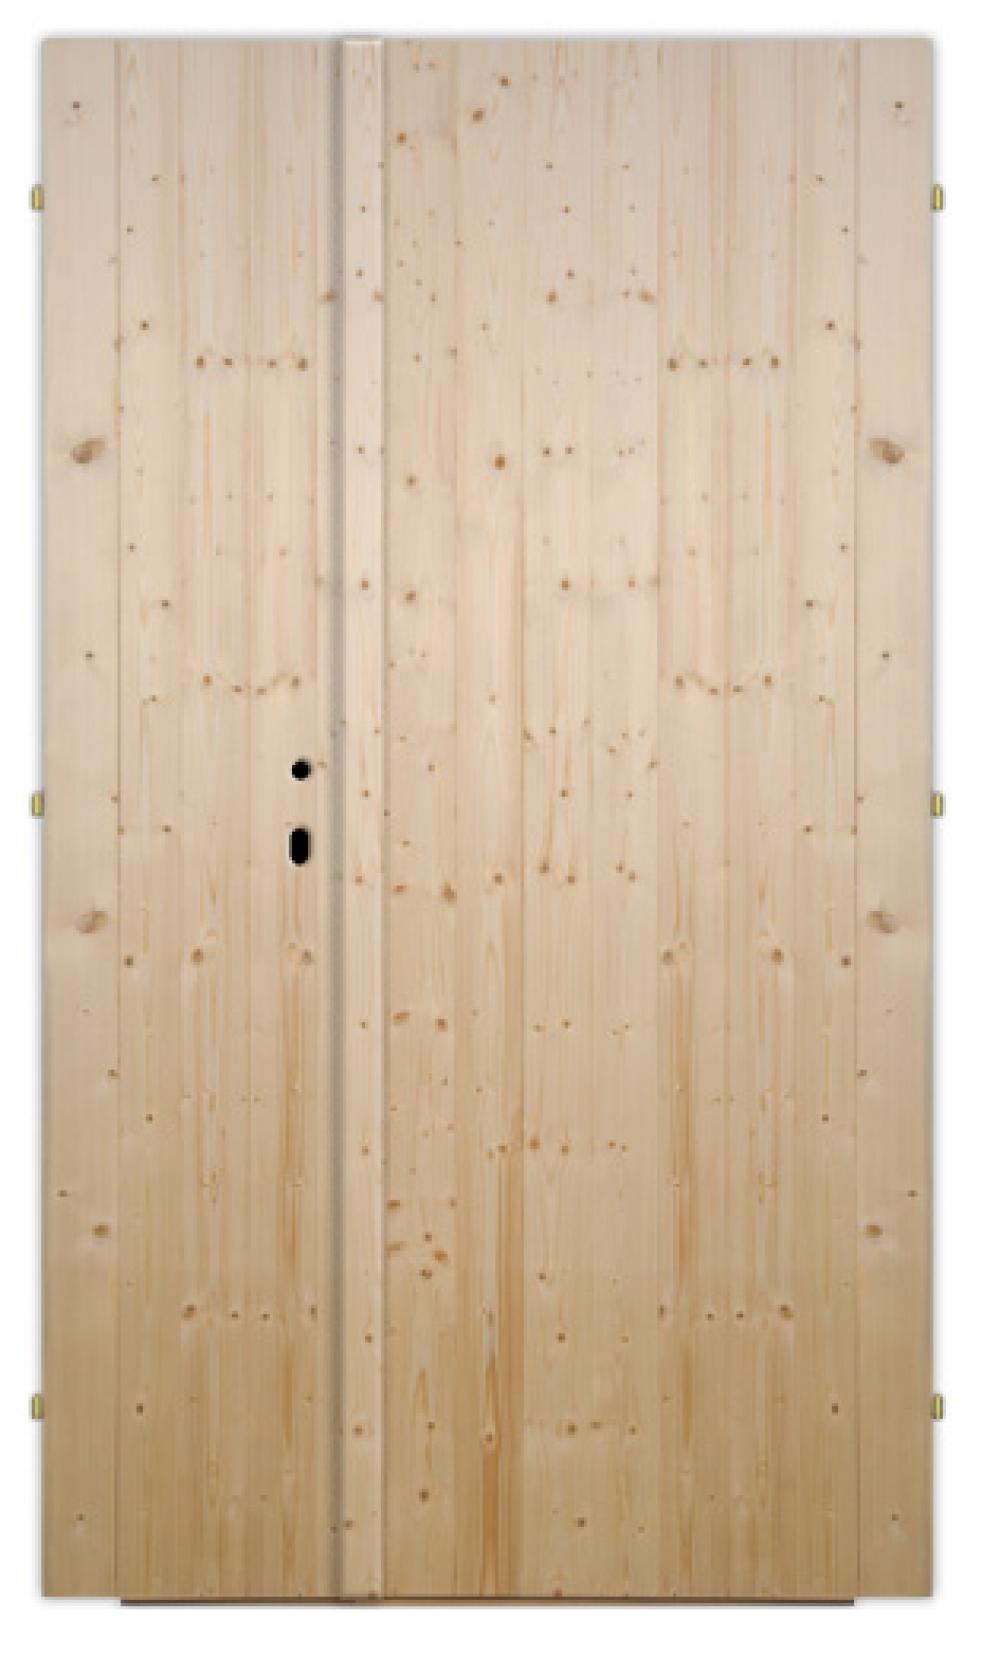 Dvoukřídlé palubkové dveře